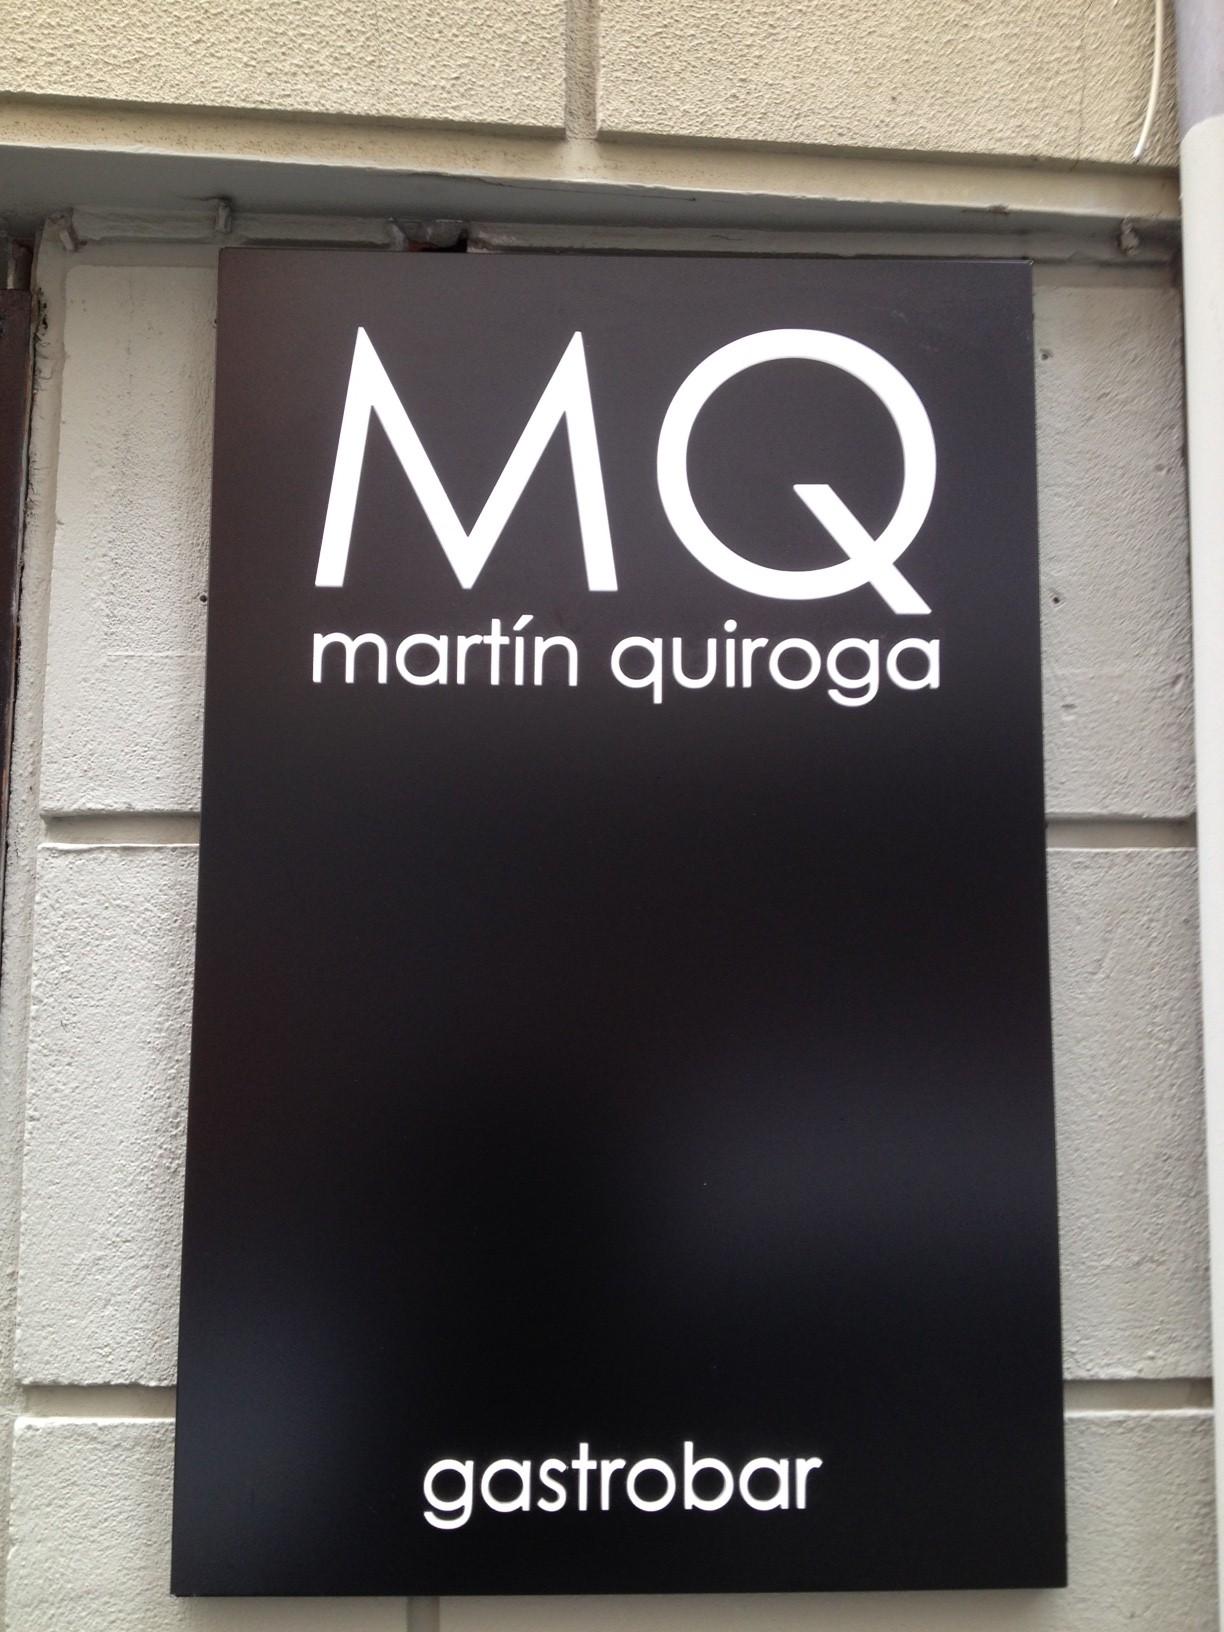 Restaurante Martin Quiroga  (Valladolid) Entrada del Restaurante